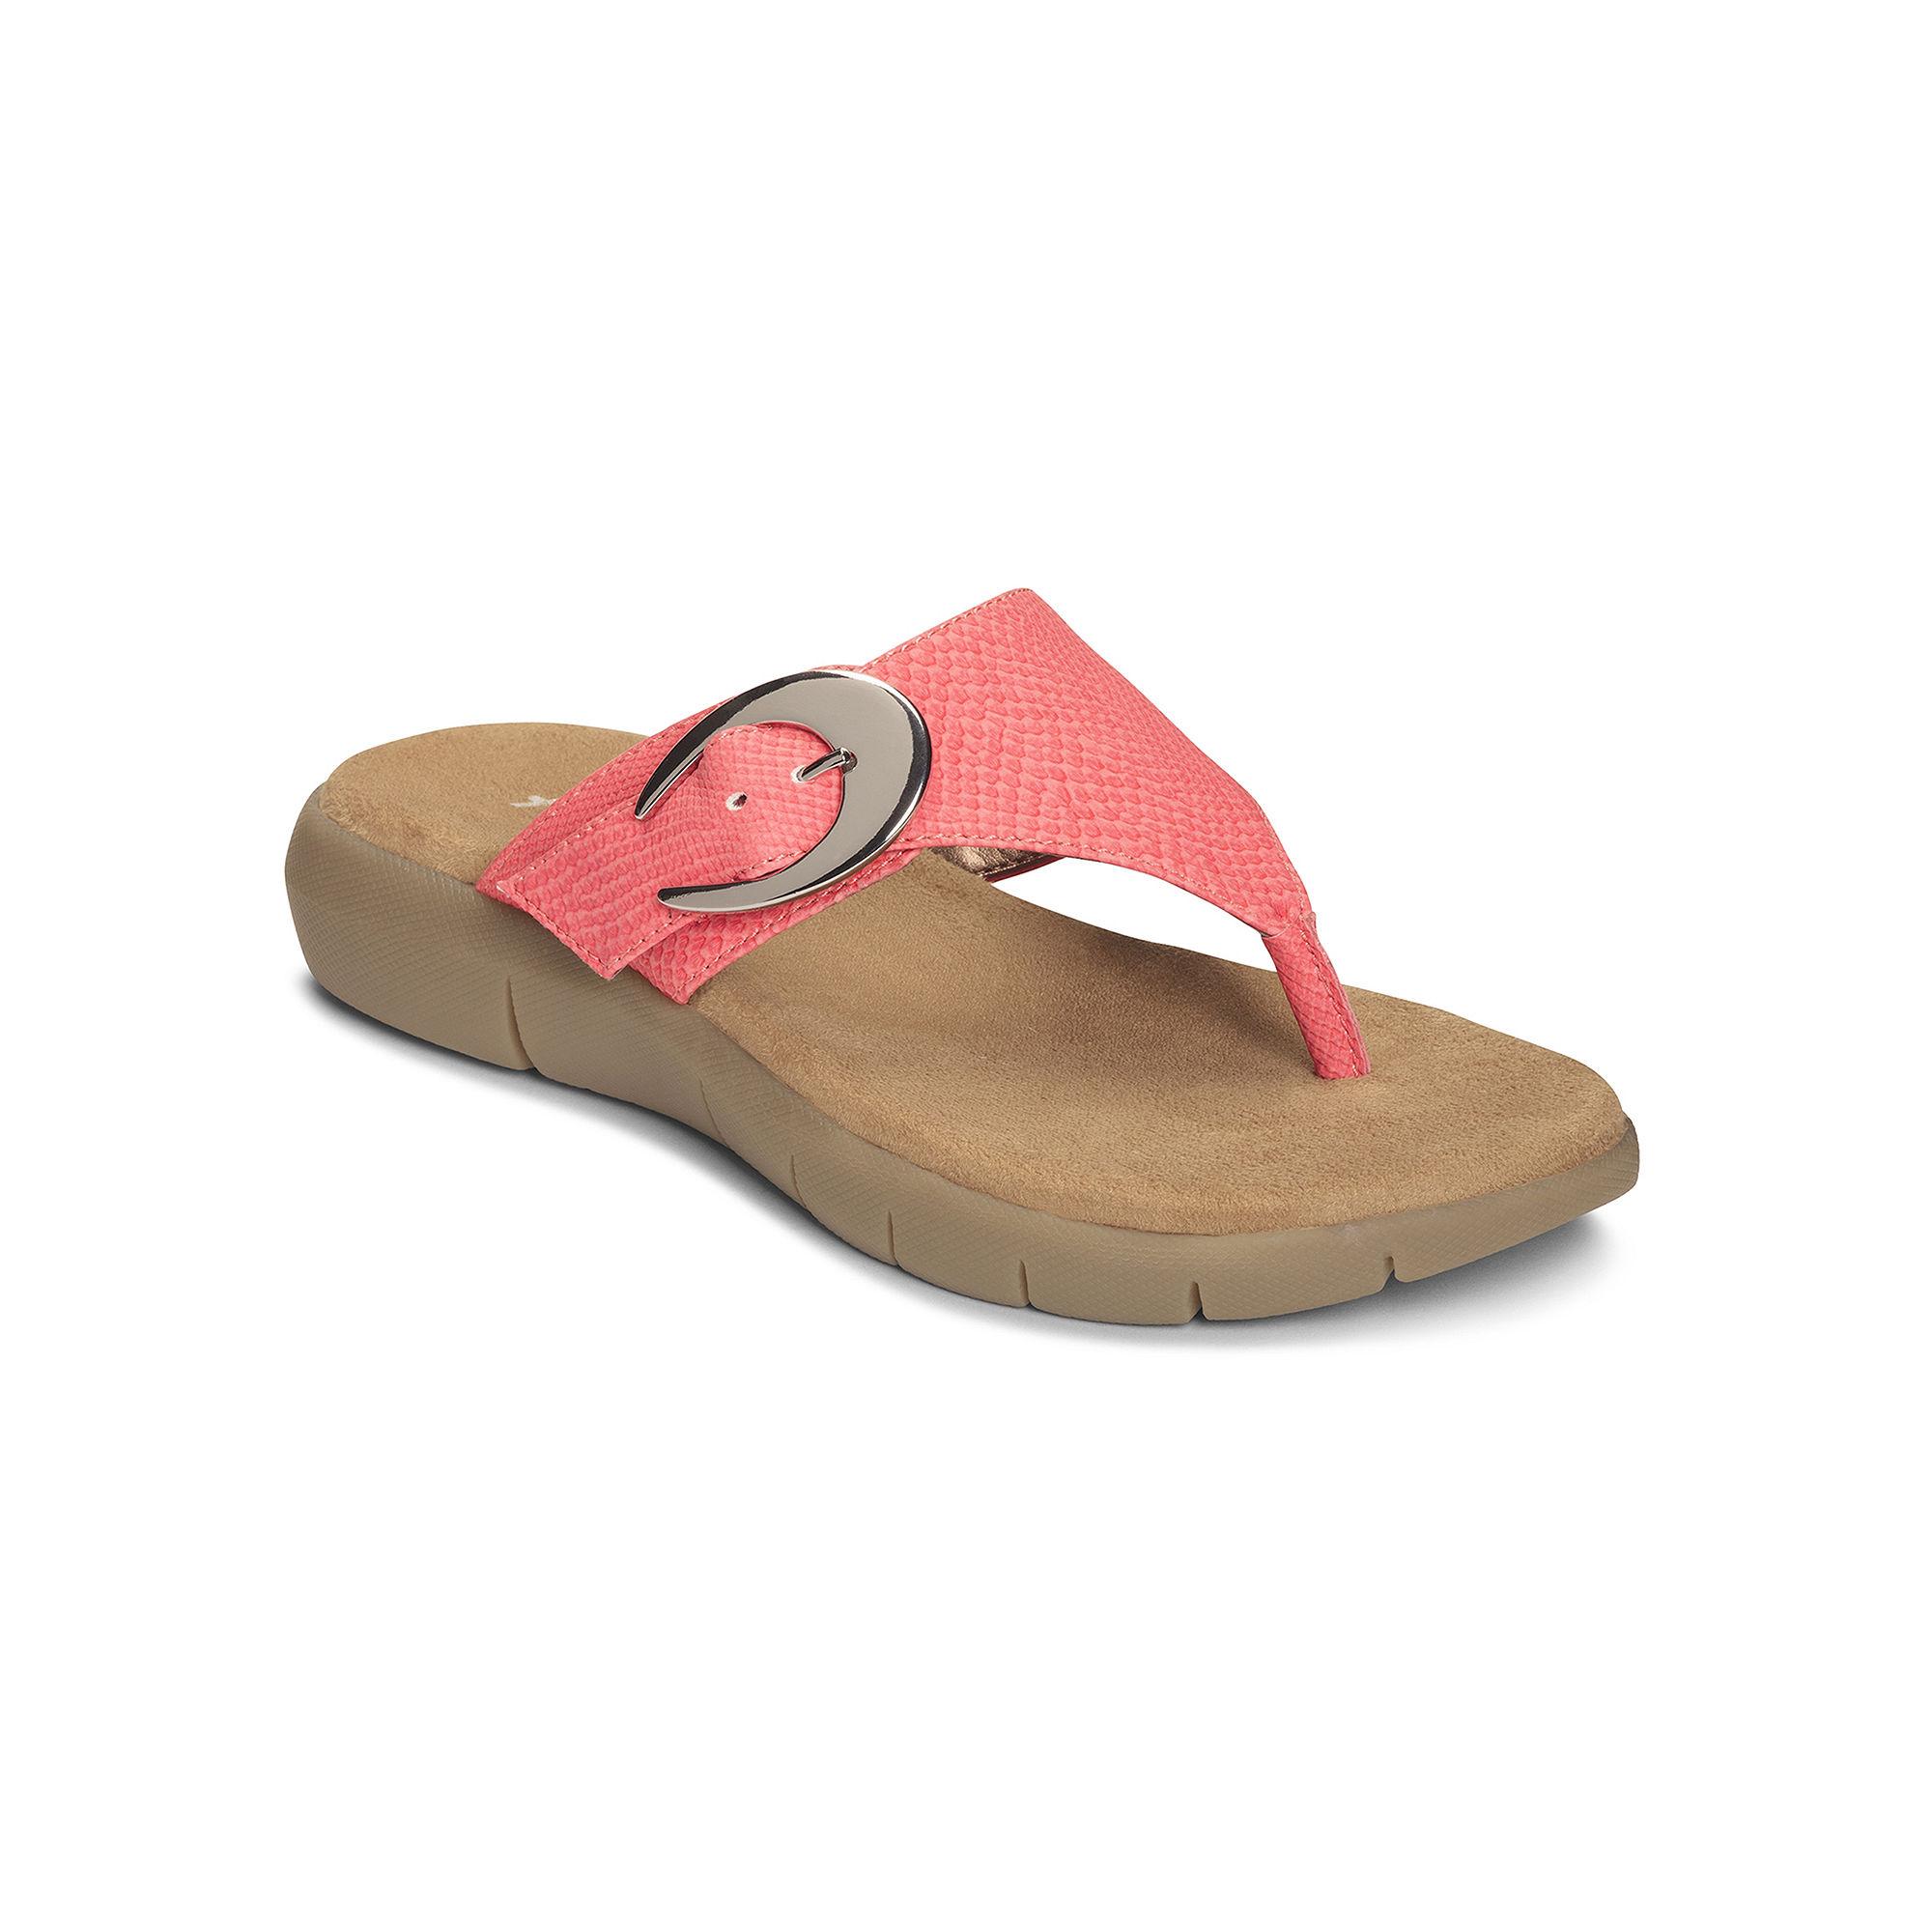 Womens sandals in wide width - A2 By Aerosoles Wipline Sandals Wide Width